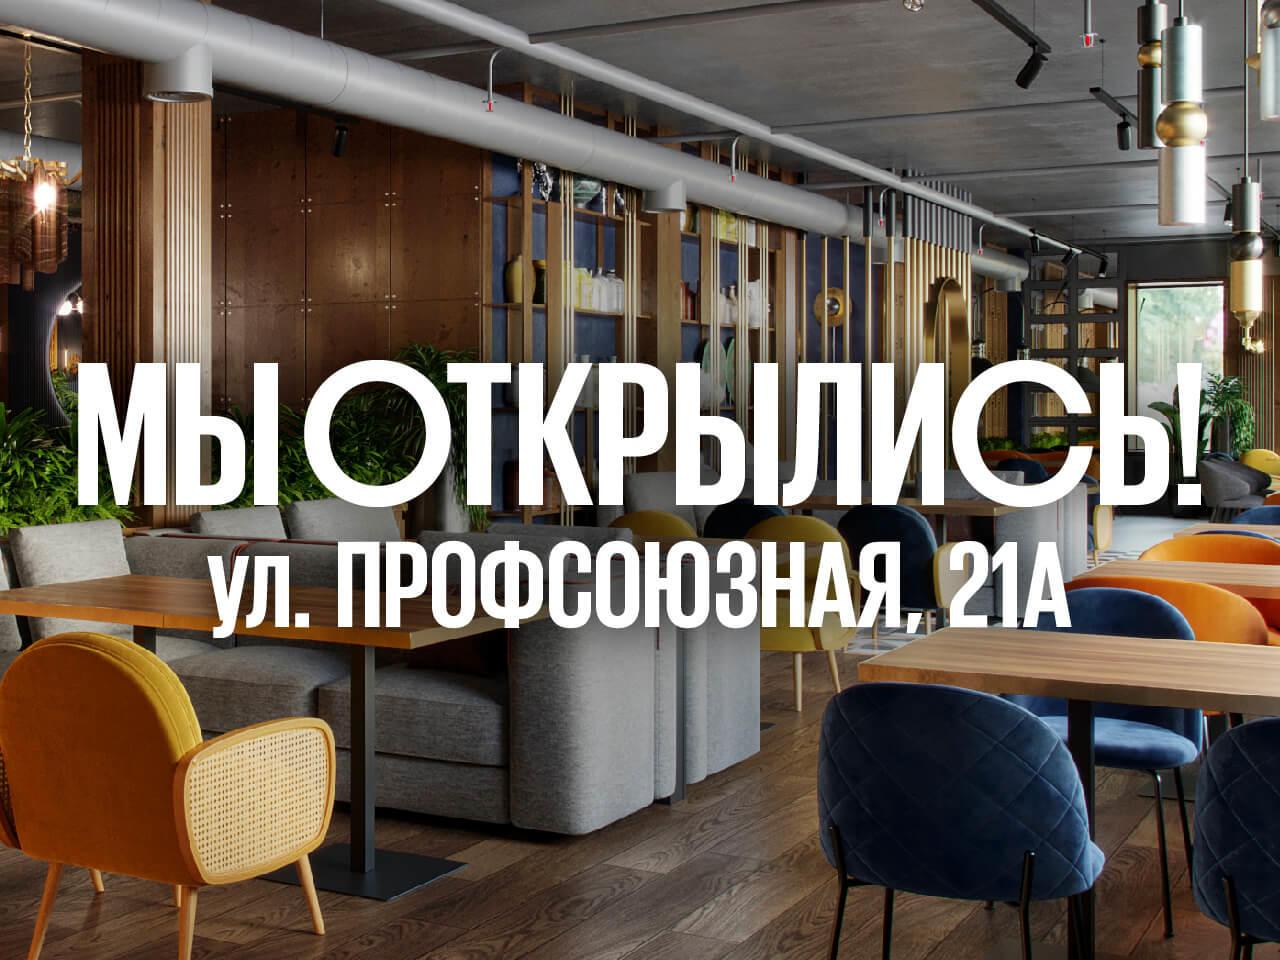 Открыт новый ресторан Чайхона №1 братьев Васильчуков на Профсоюзной